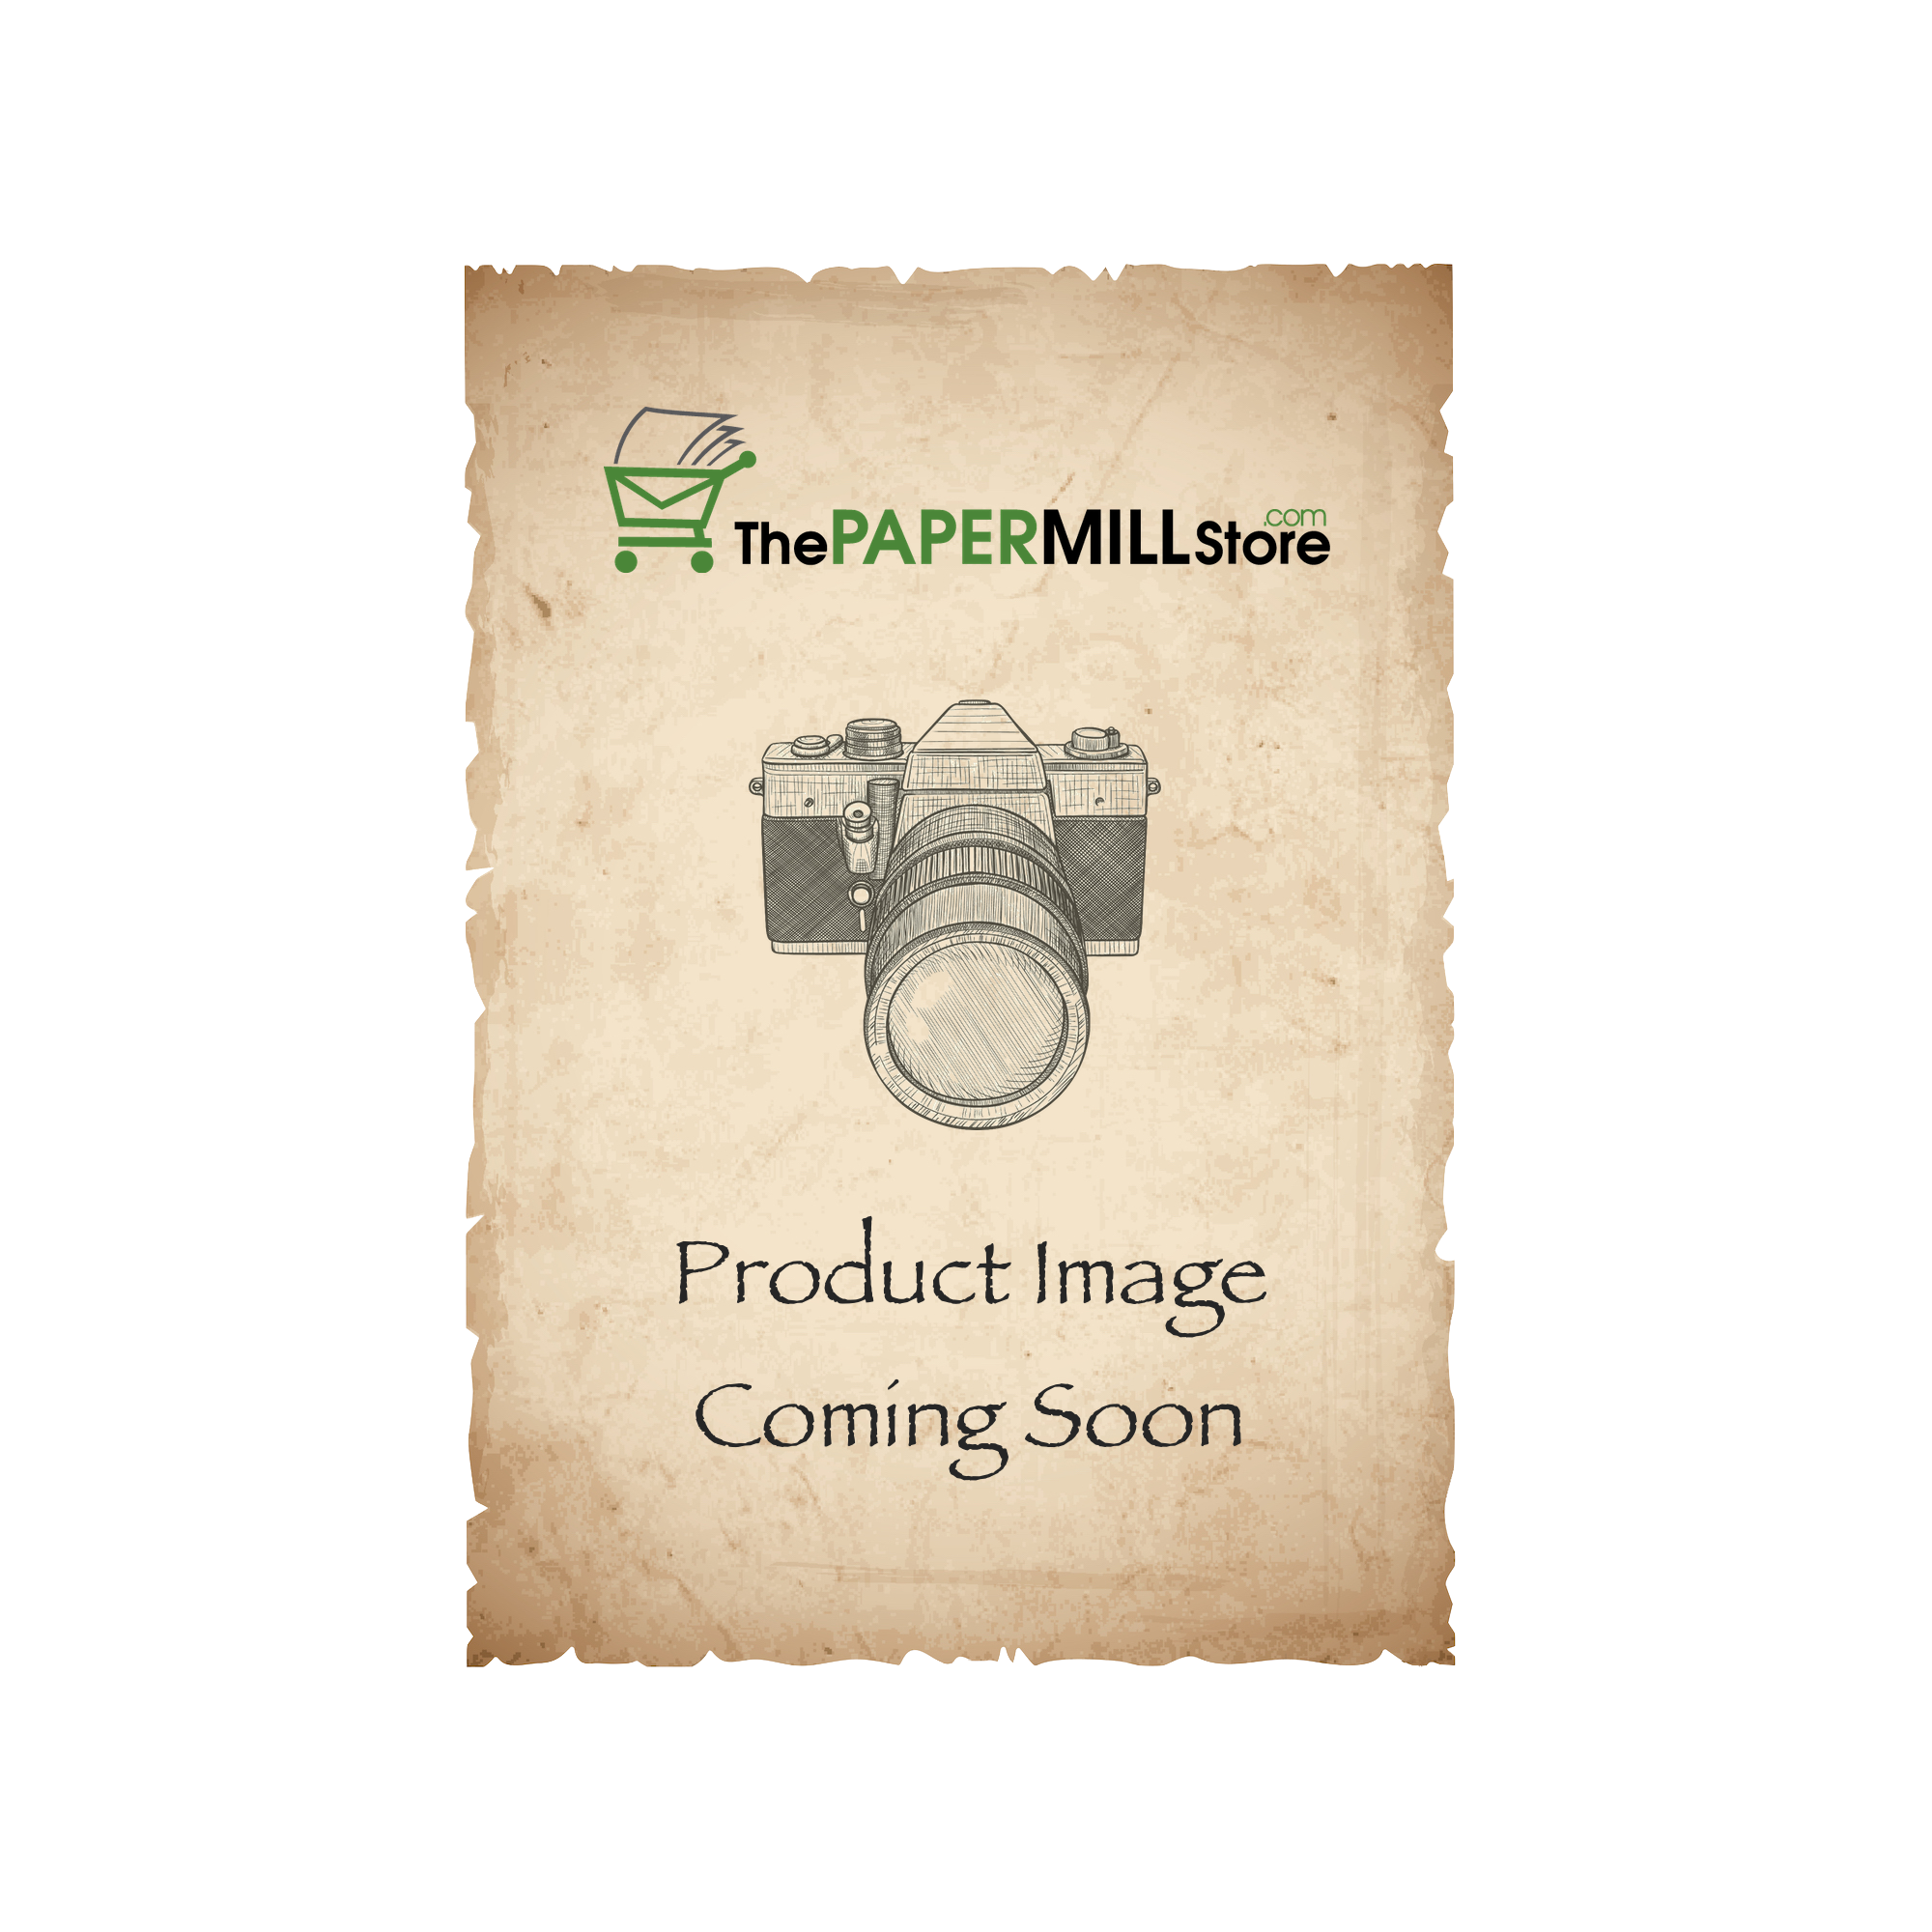 Strathmore Script Soft Cream Envelopes - A2 (4 3/8 x 5 3/4) 80 lb Text Smooth 1000 per Carton